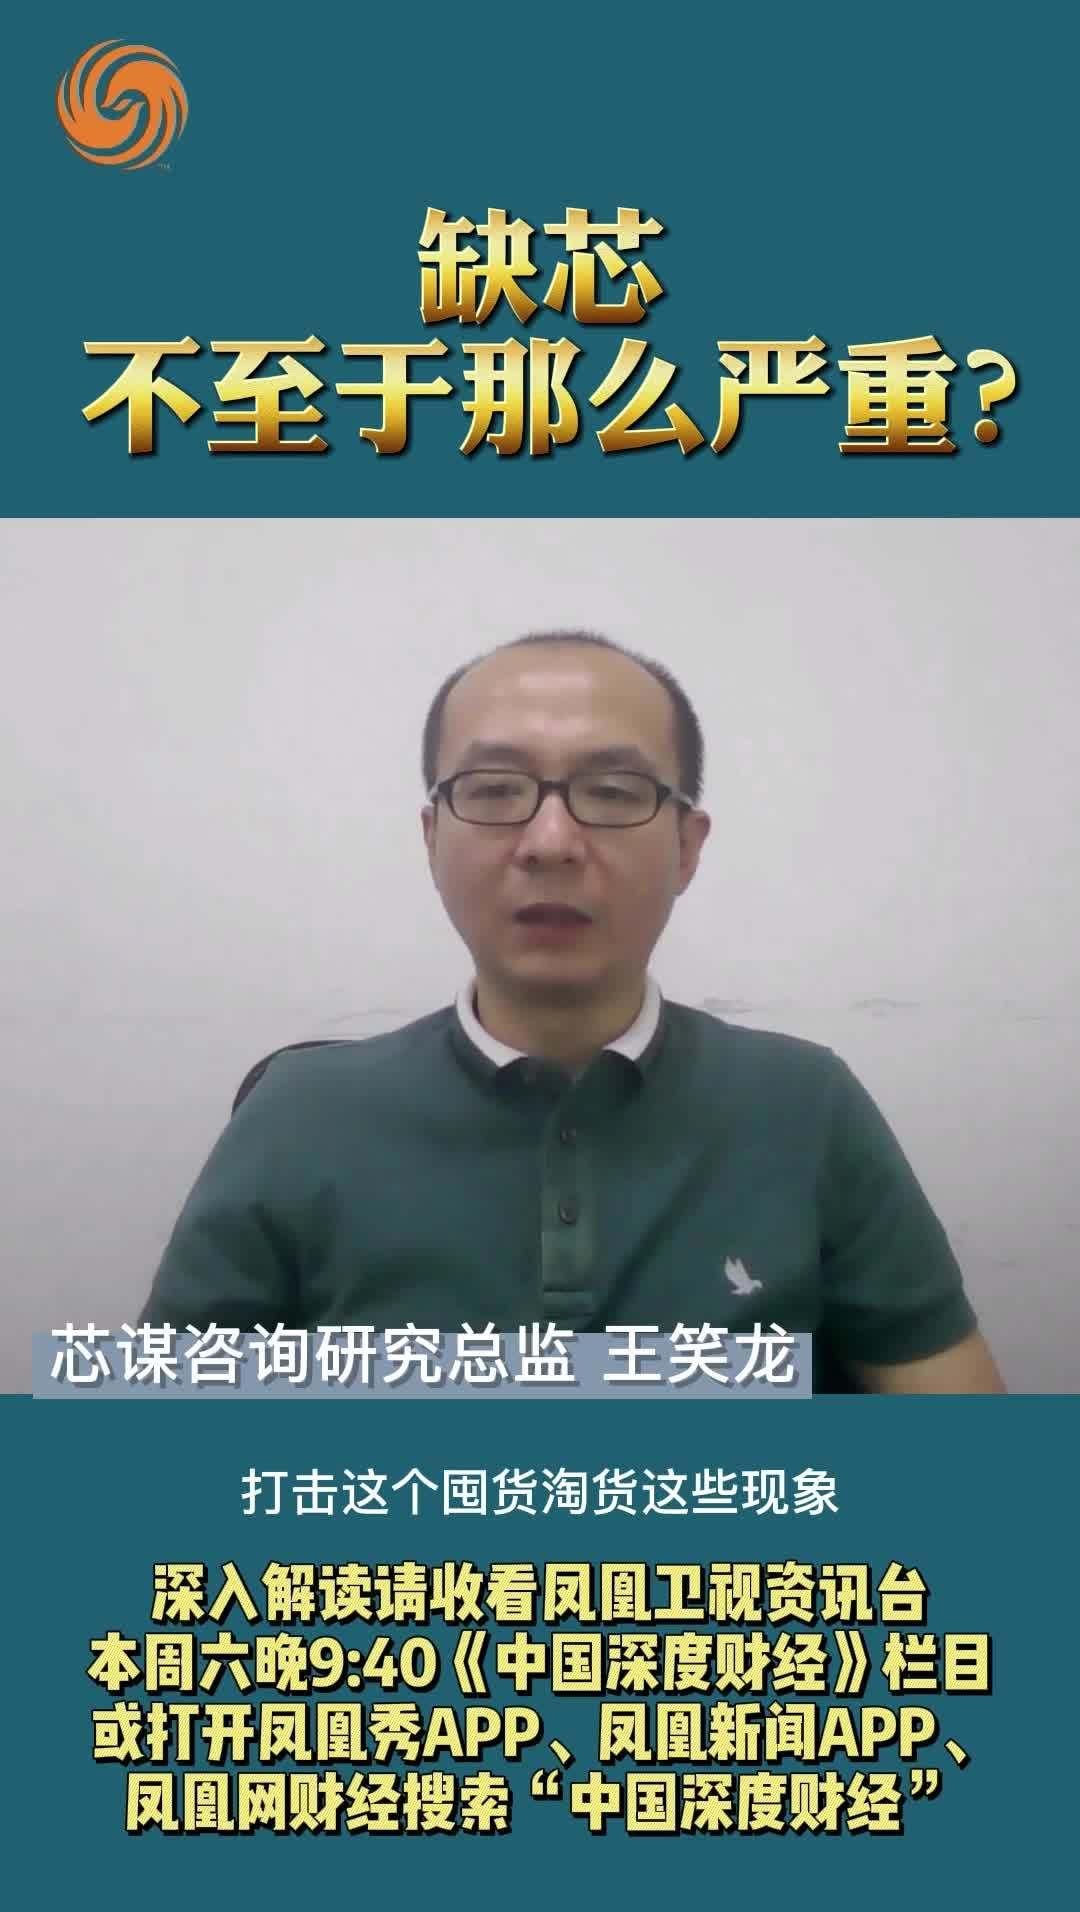 王笑龙:缺芯不至于那么严重?